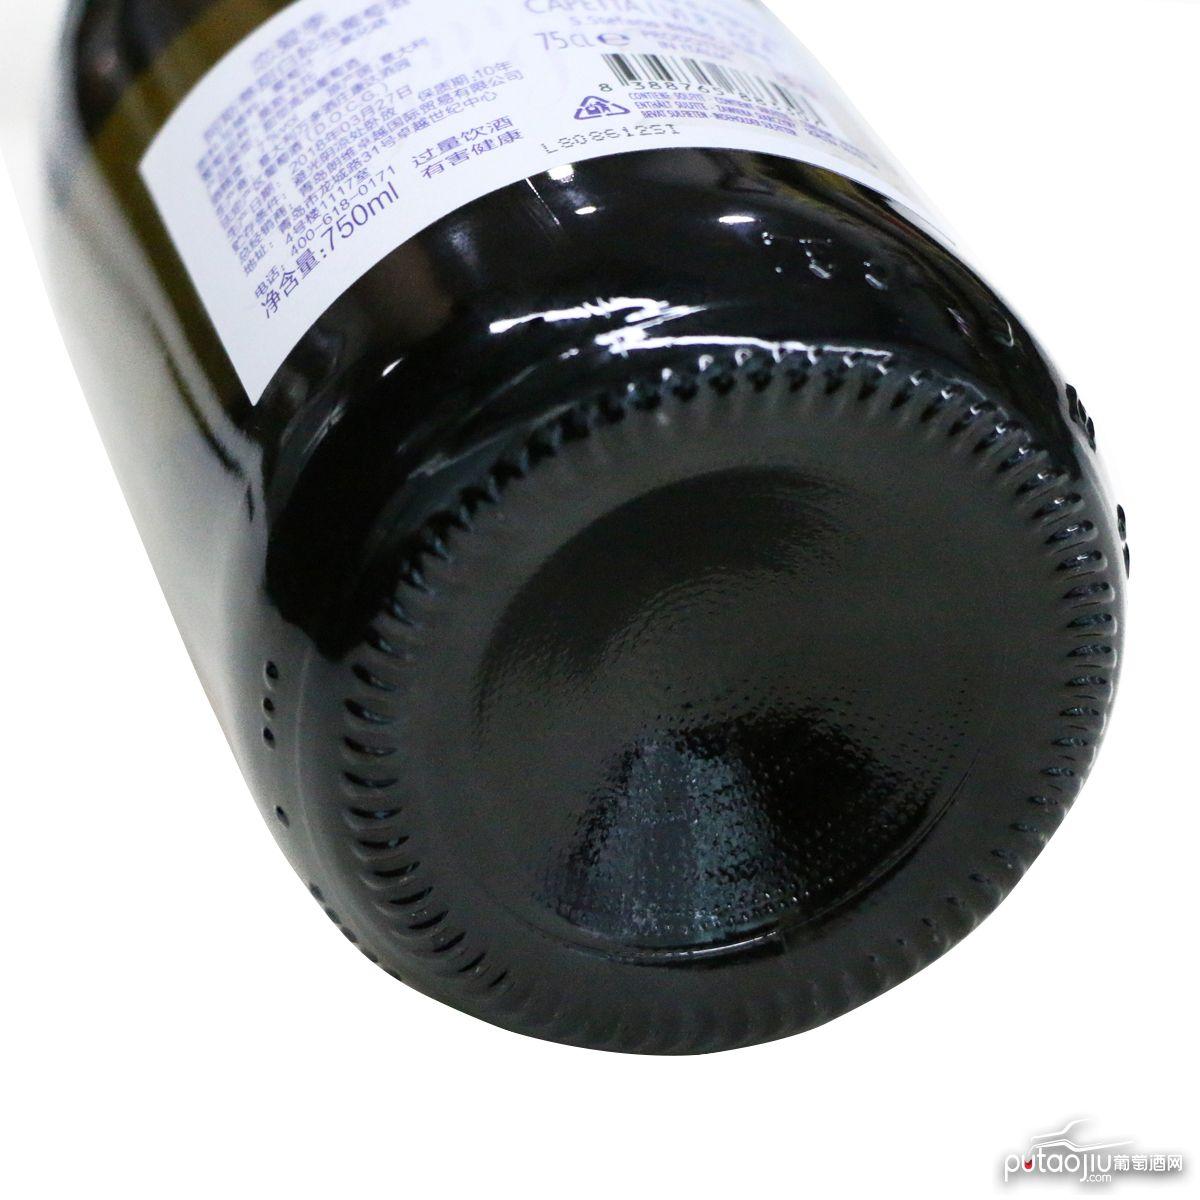 意大利阿斯蒂万多酒庄恋爱季莫斯卡托阿斯蒂甜白DOCG起泡葡萄酒